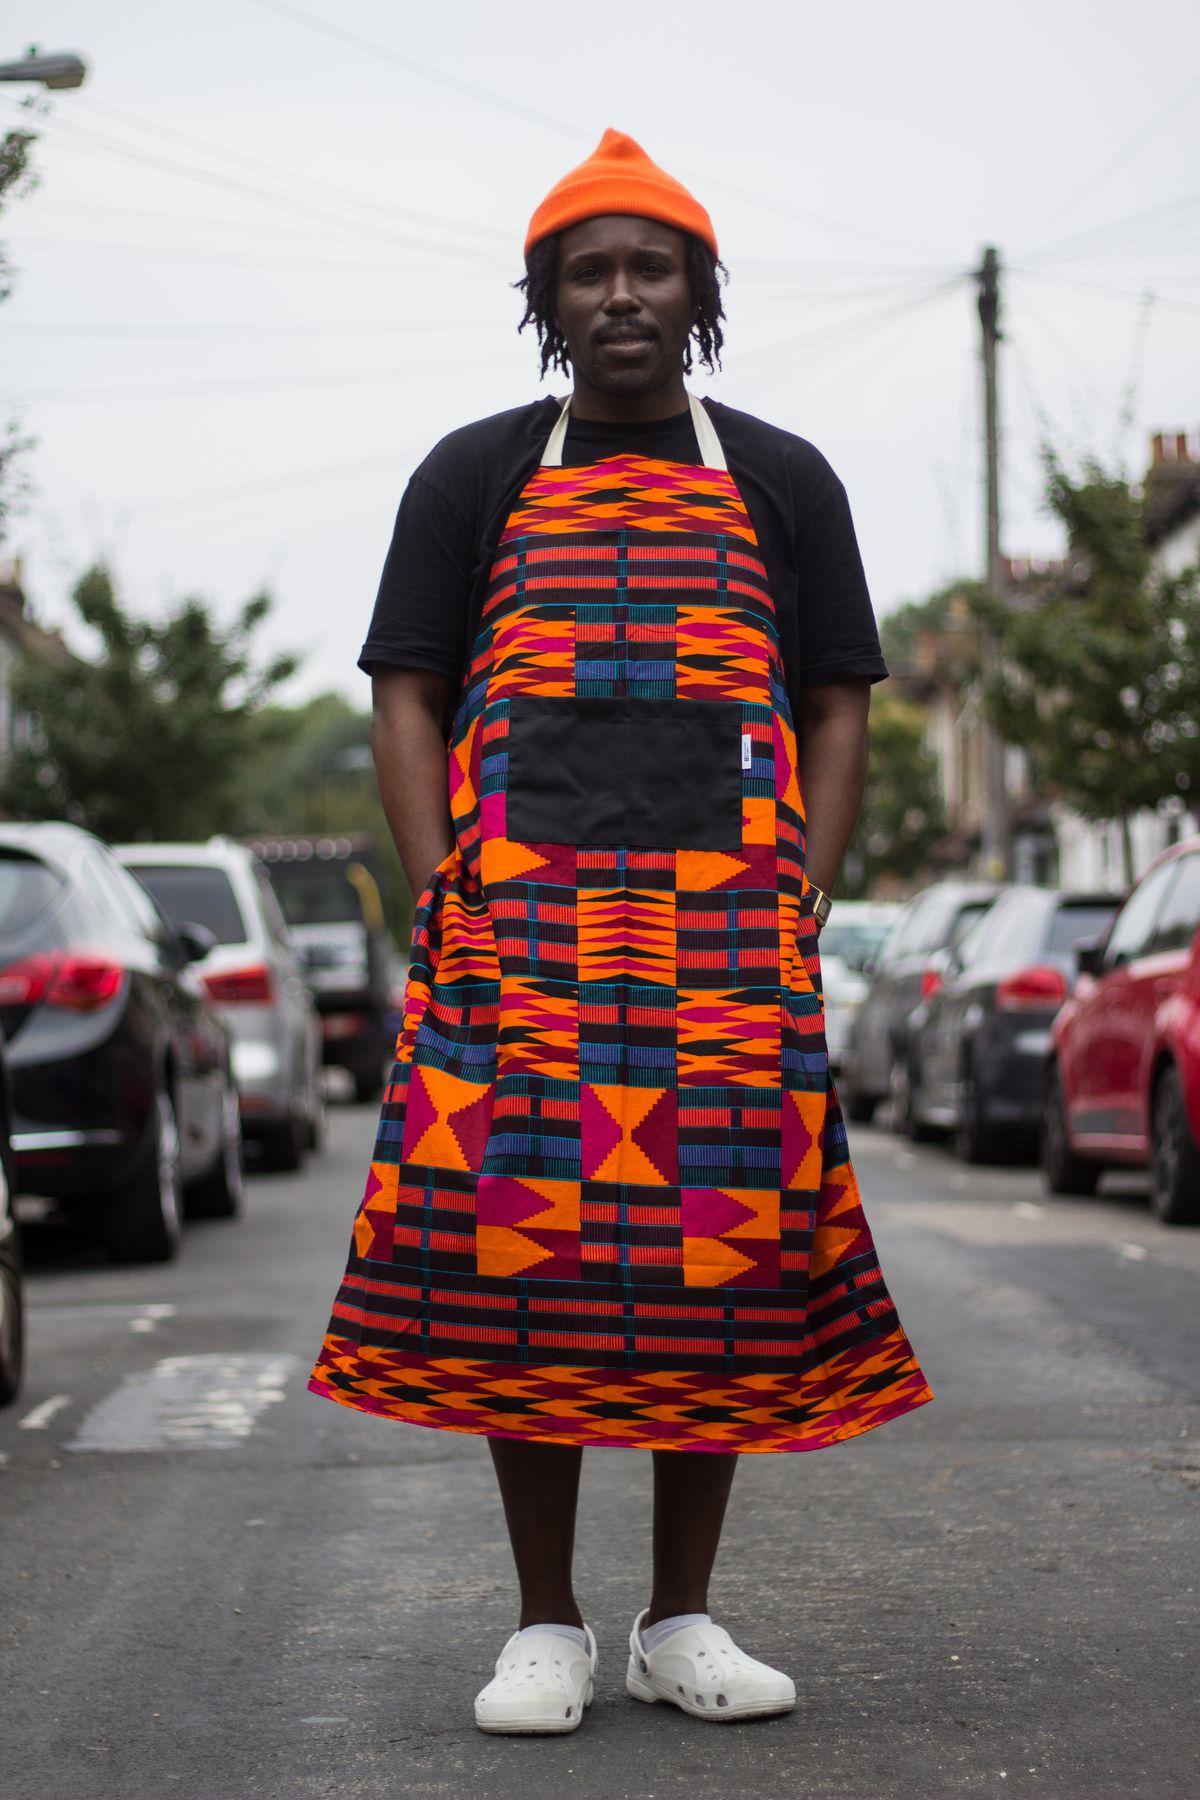 Akwasi Brenya-Mensa stands in a road